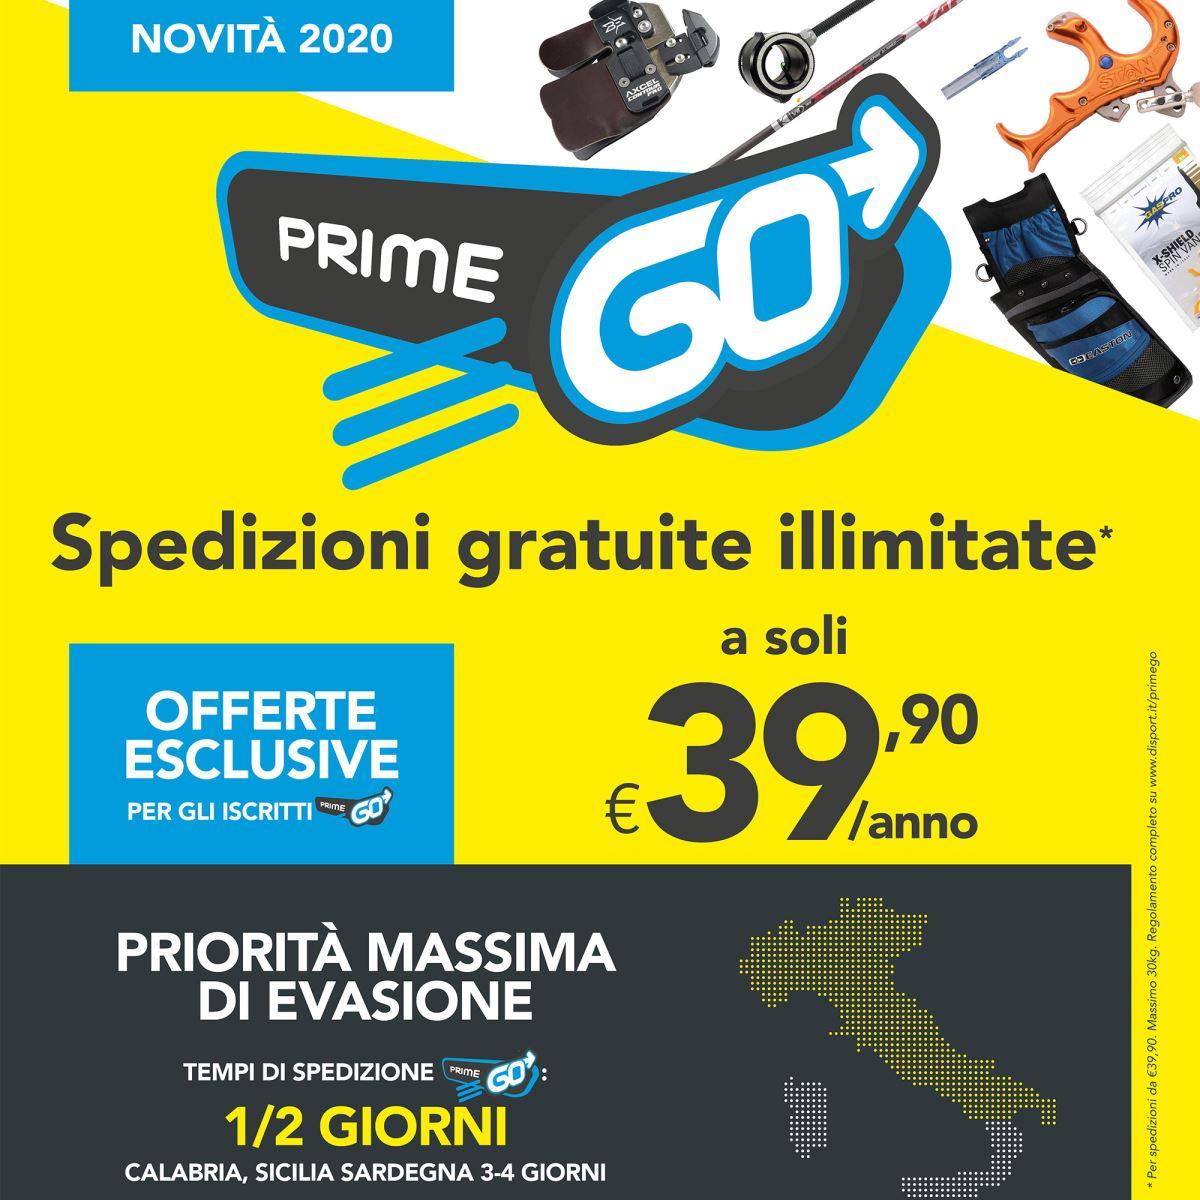 Scopri di più su Prime Go e inizia le tue spedizioni Illimitate!